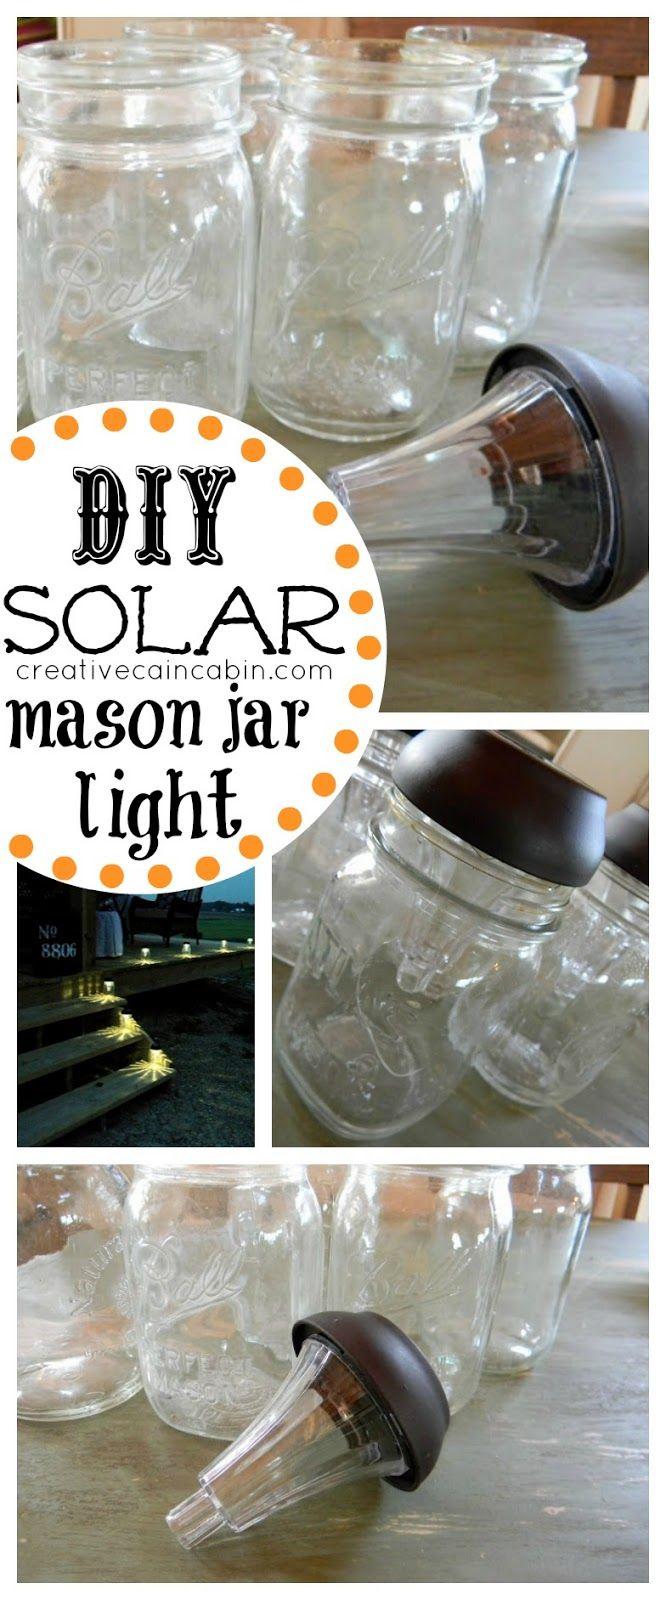 1000 images about crafty d on pinterest diy wine for Diy solar wine bottle lights